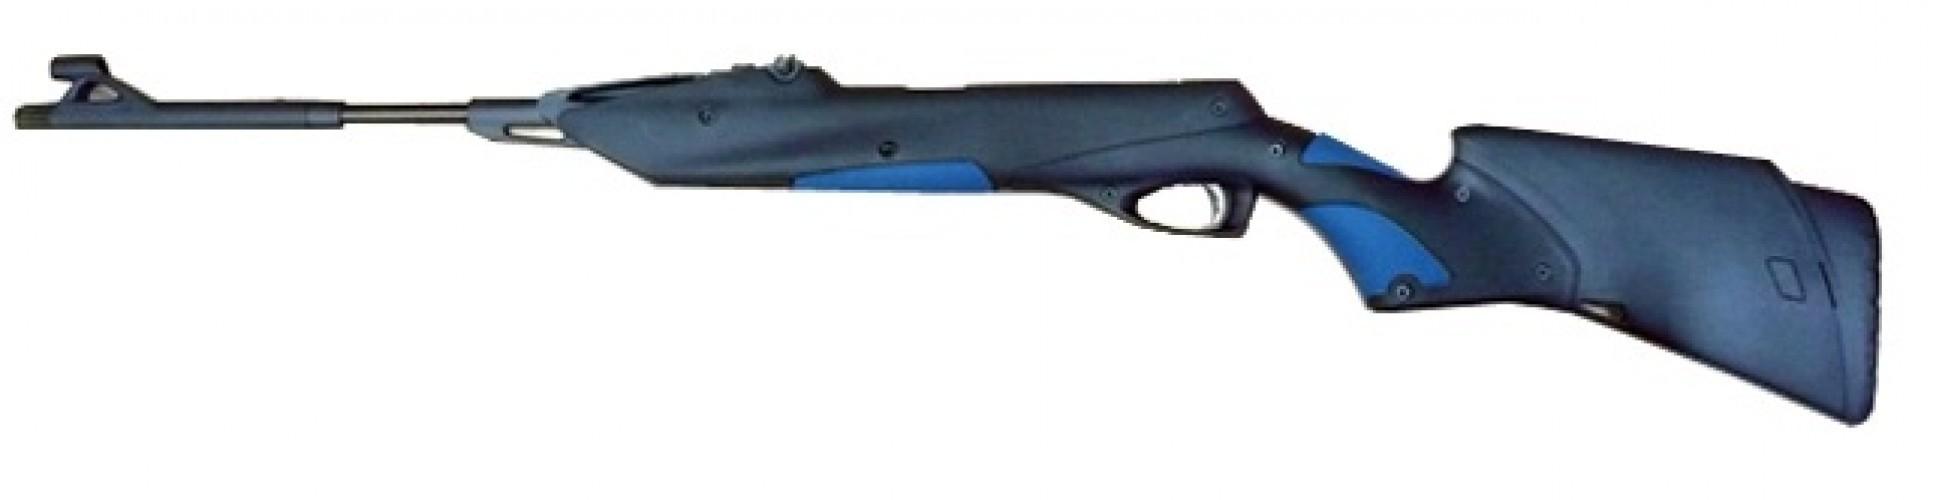 Винтовка Байкал МР-512-48 51316